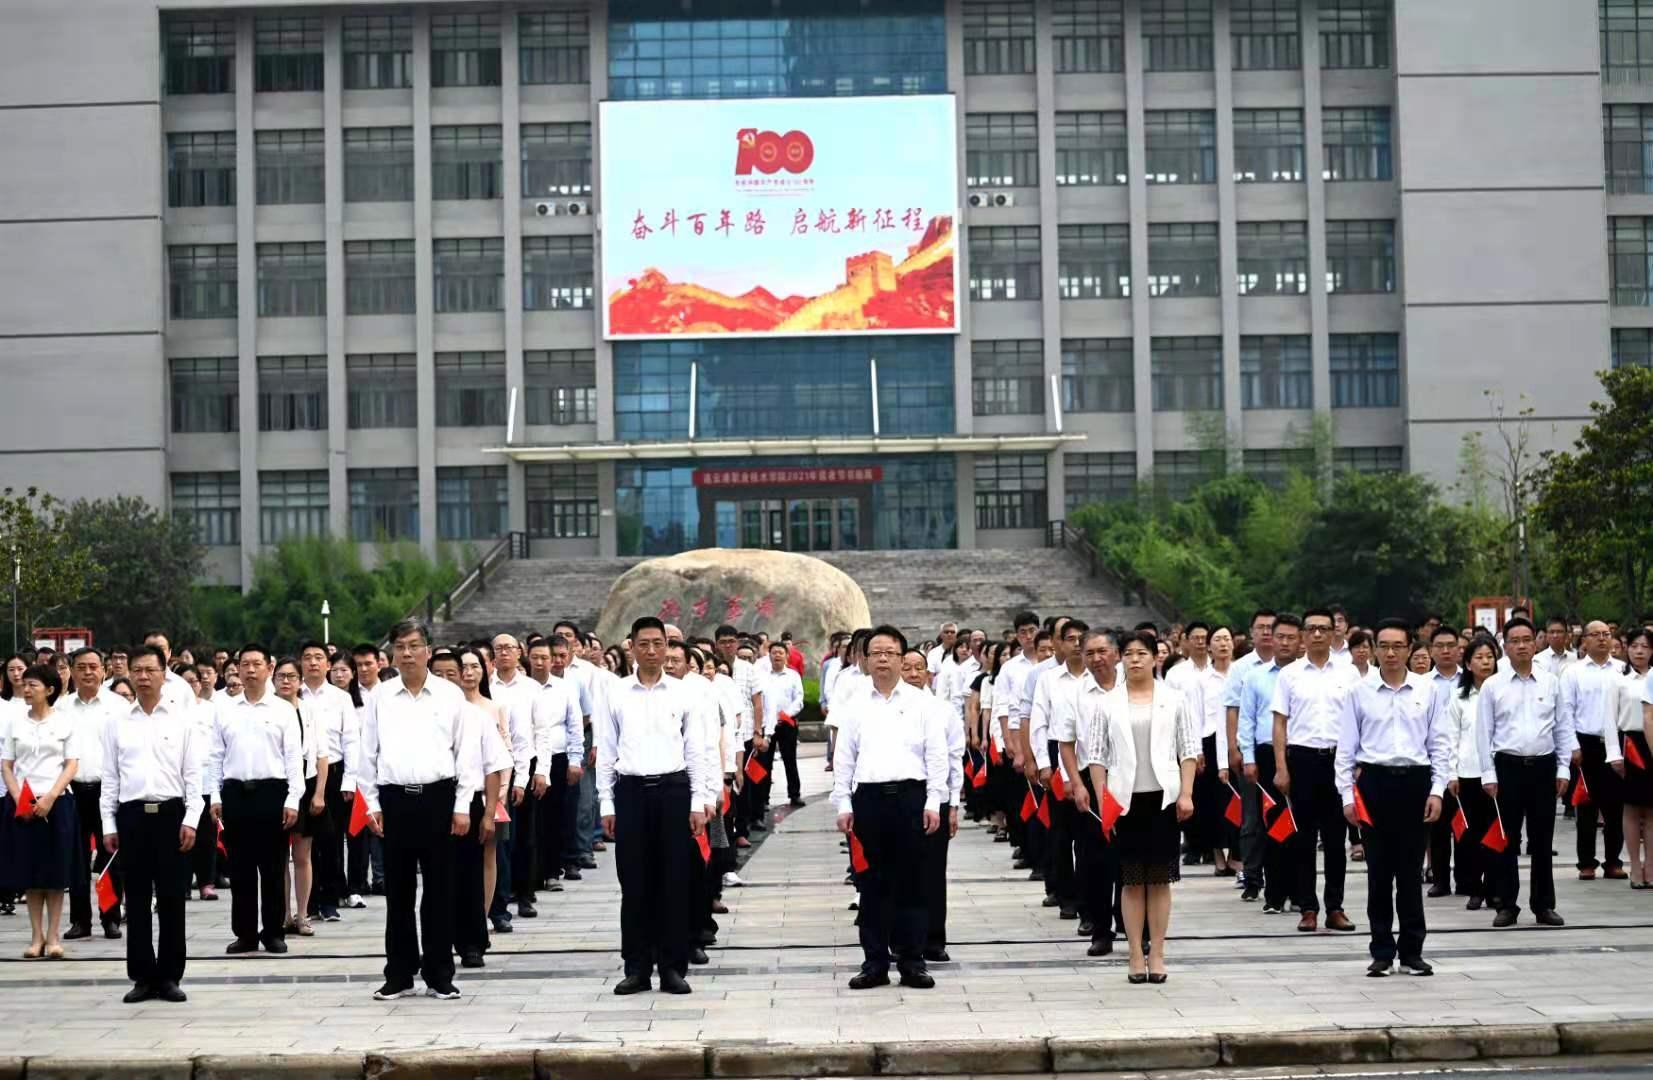 連云港職業技術學院開展主題黨日活動